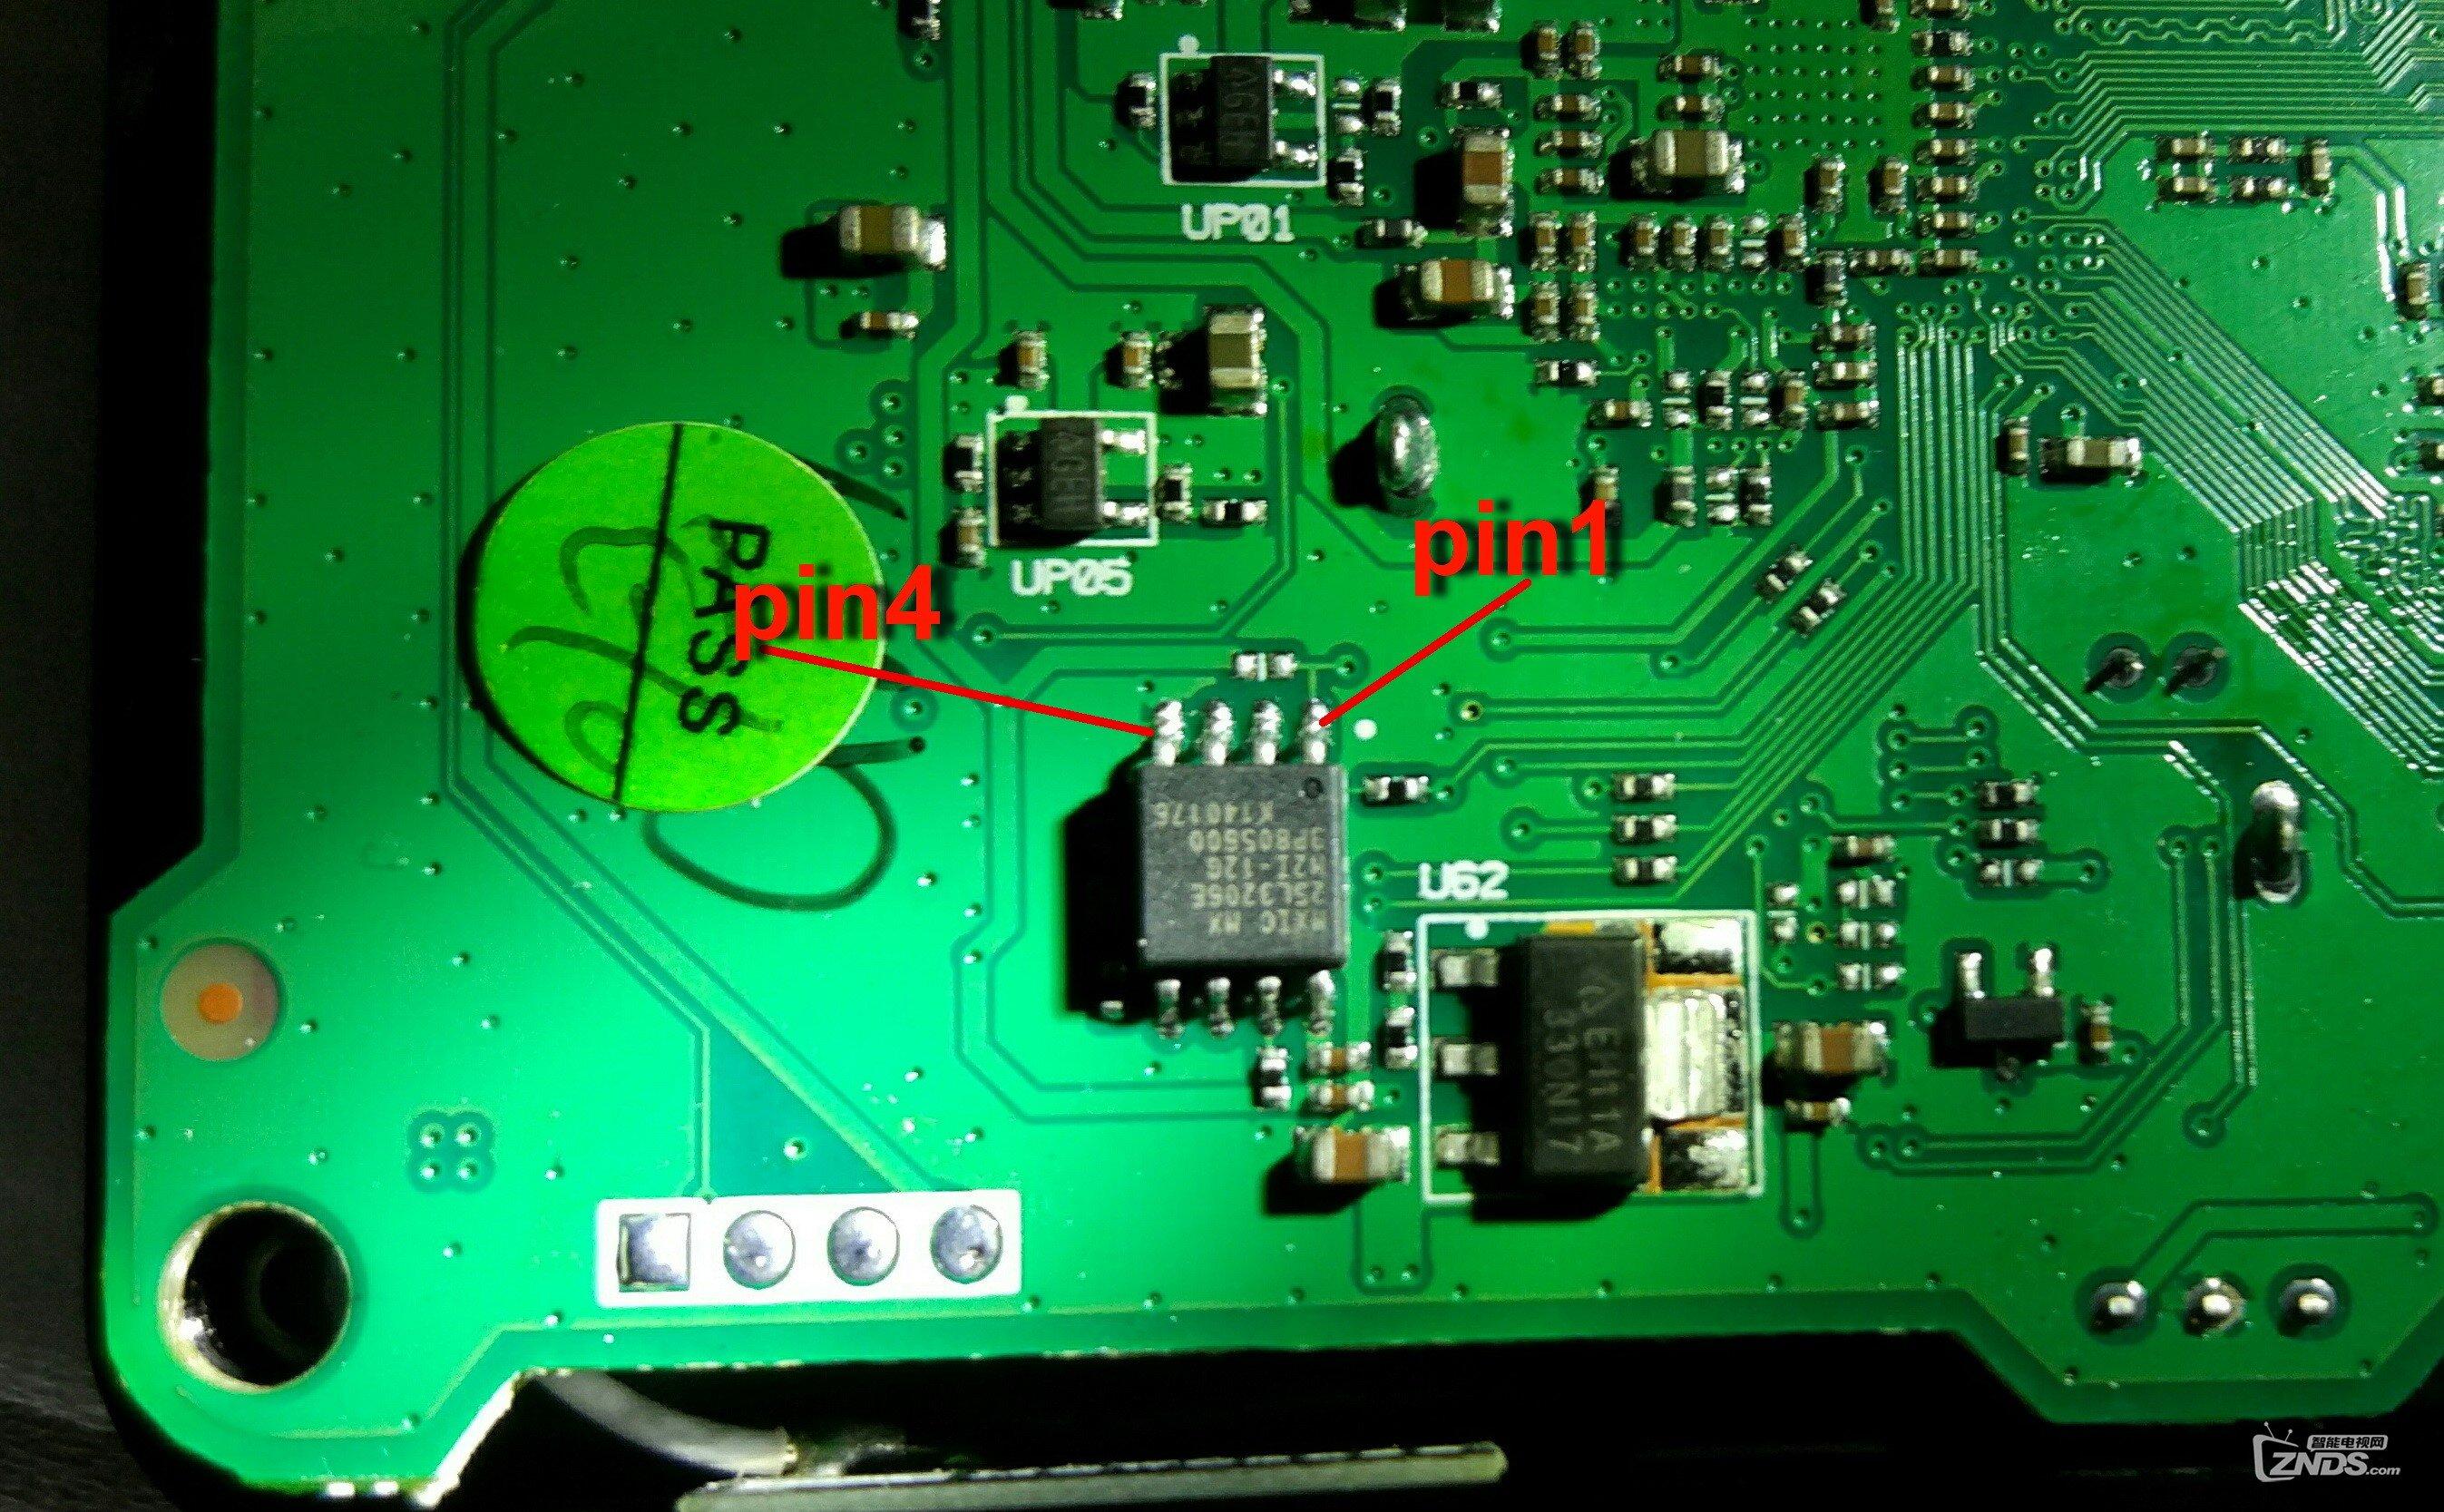 DM1002_spi_flash.jpg